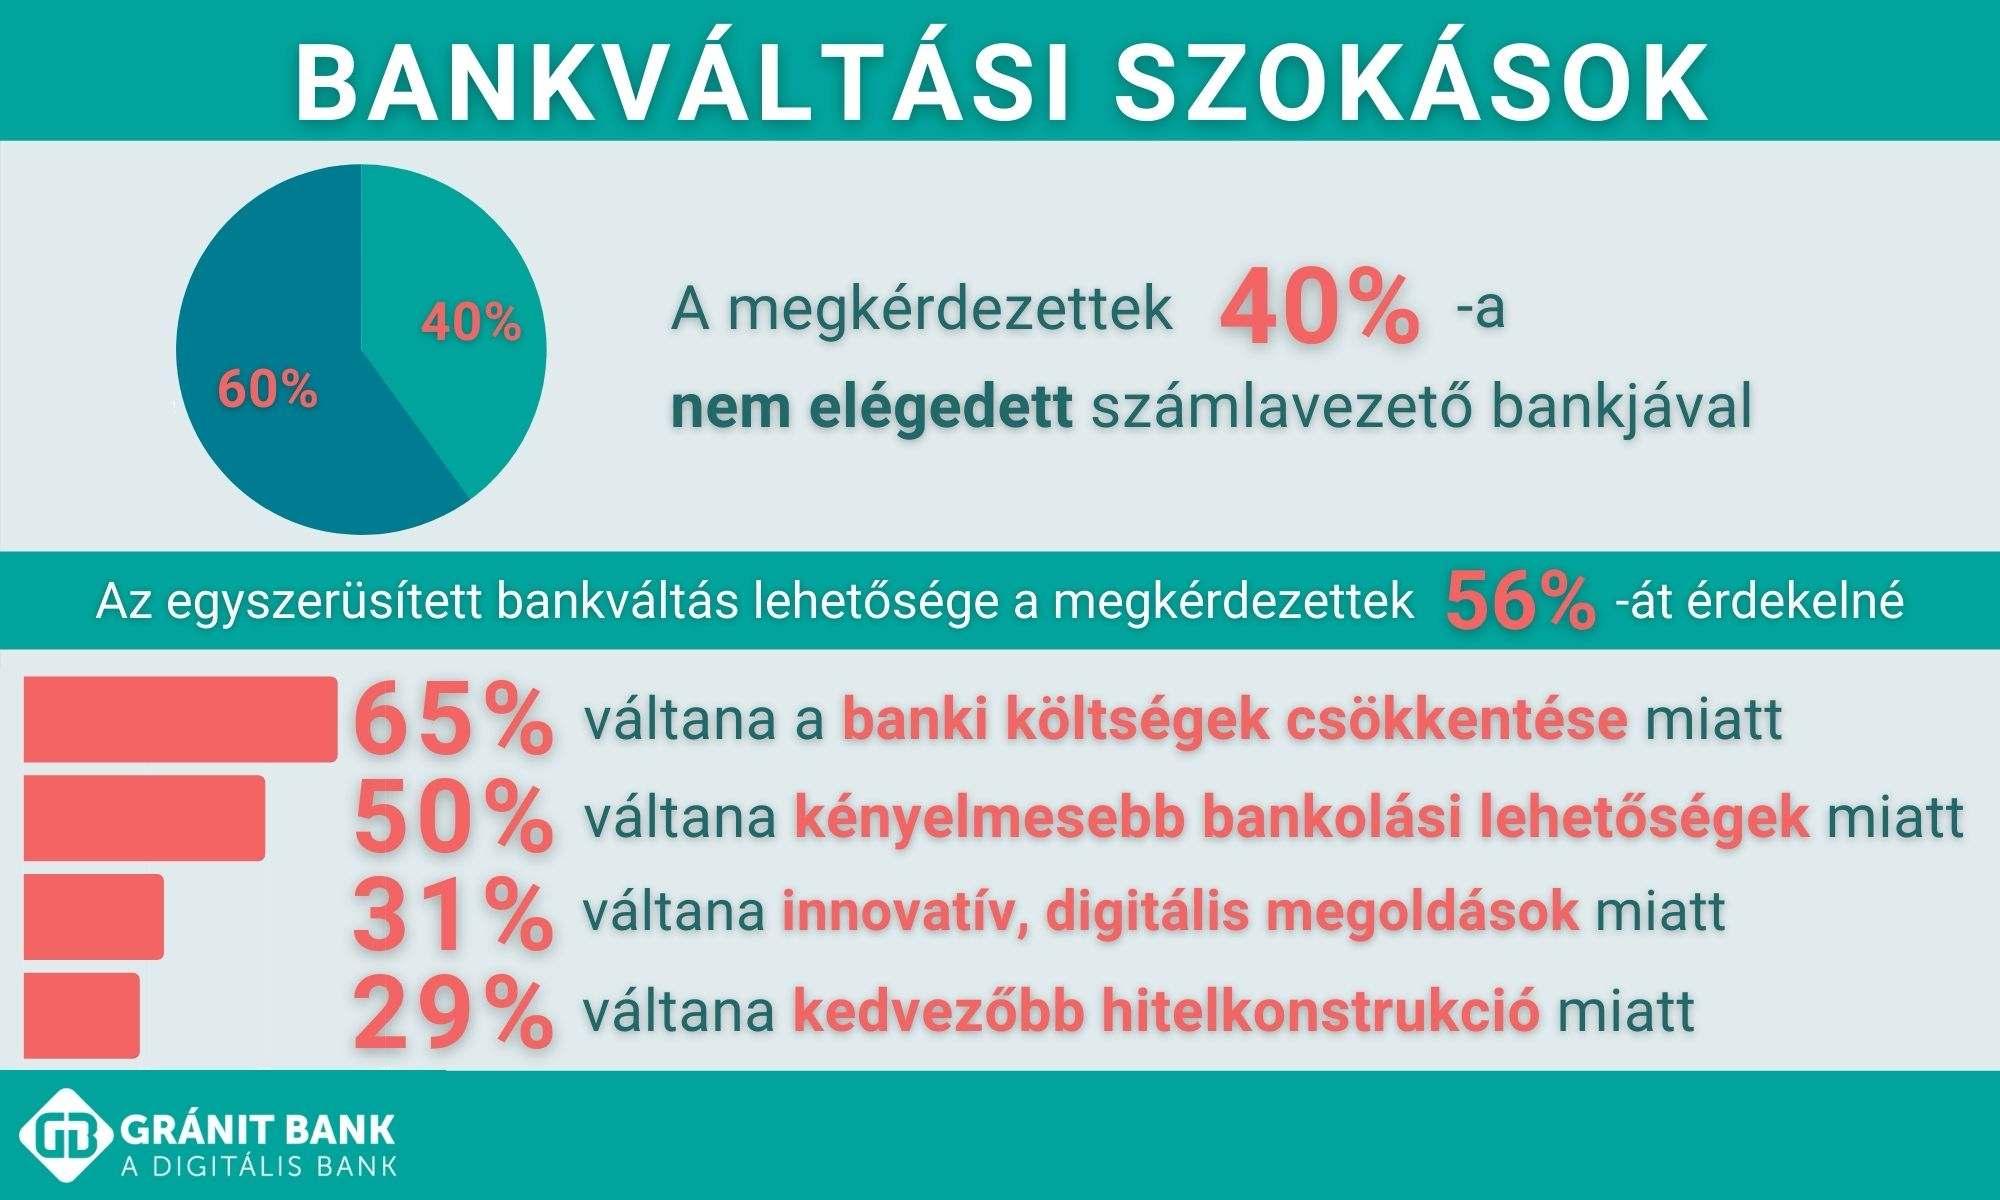 granit bank bankvaltasi szokasok 2021.01.